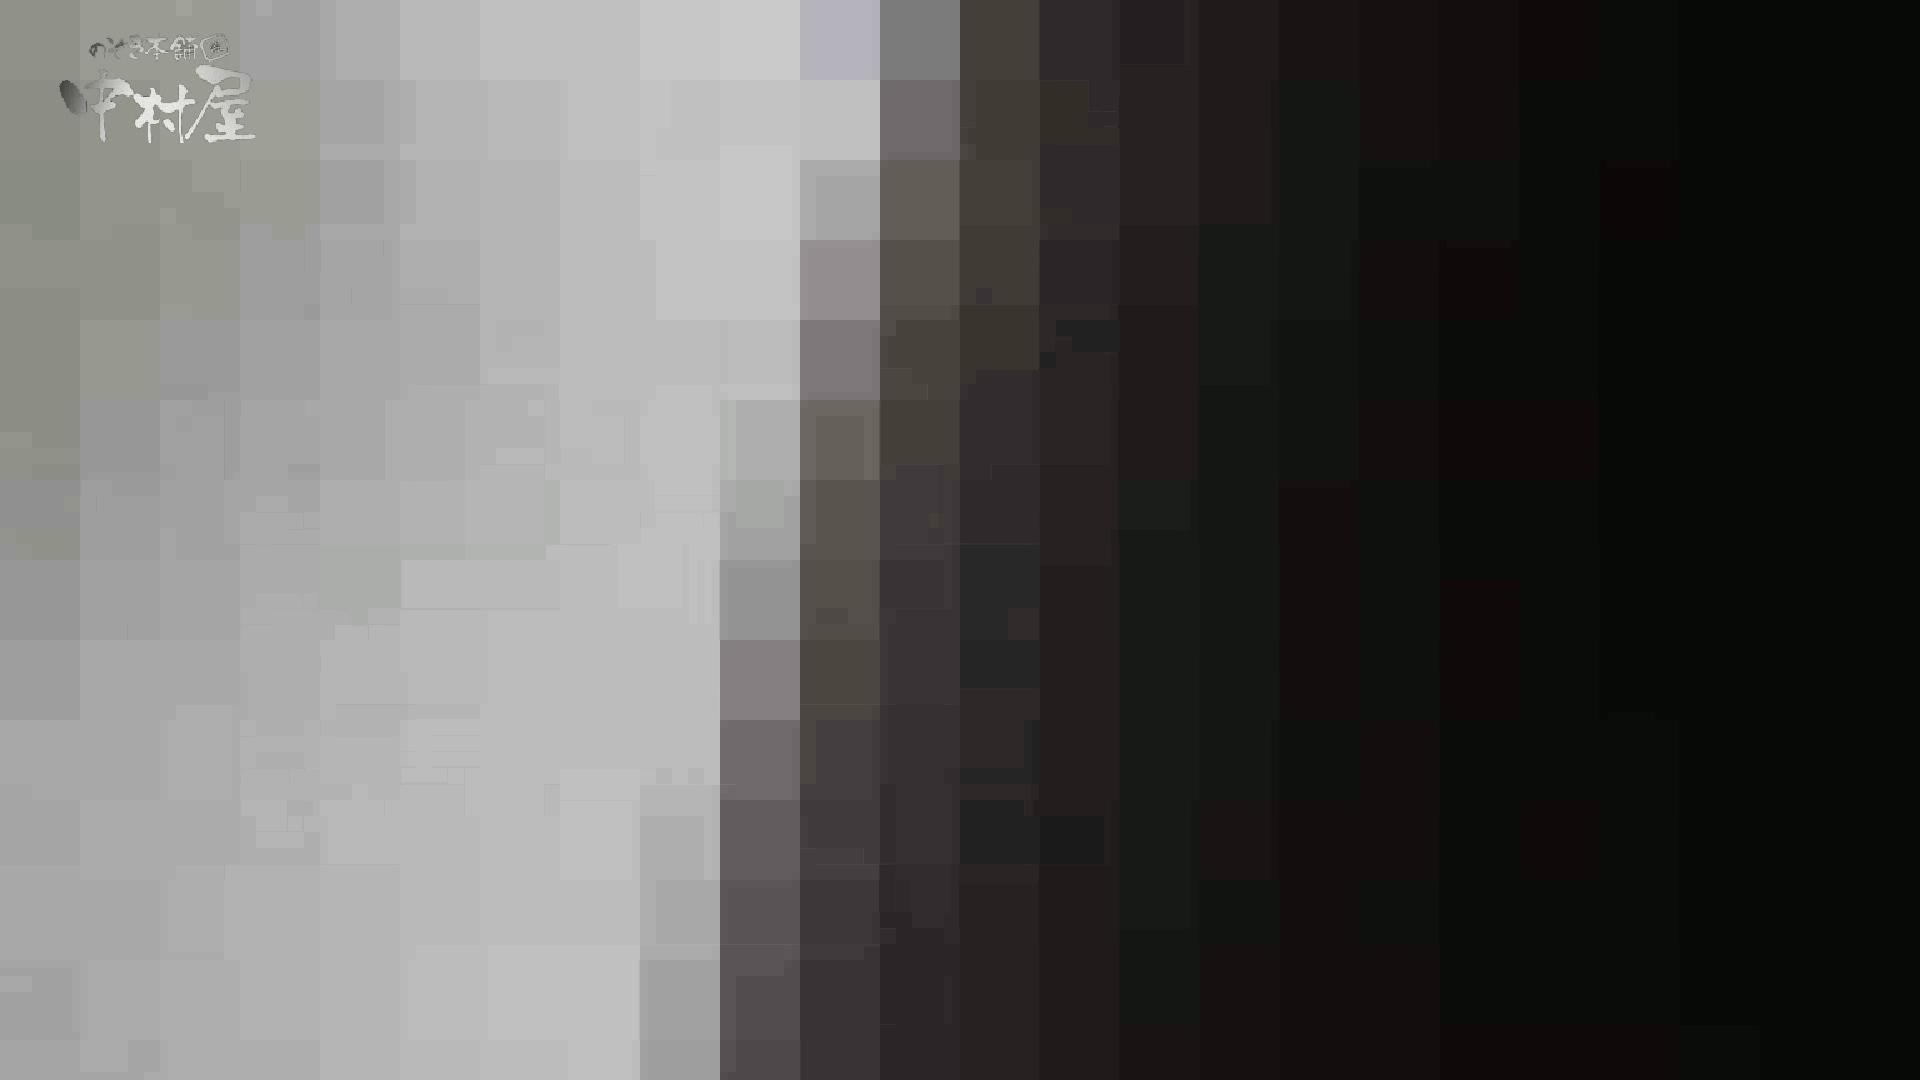 洗面所突入レポート!!vol.25 女子トイレ 濡れ場動画紹介 83連発 58